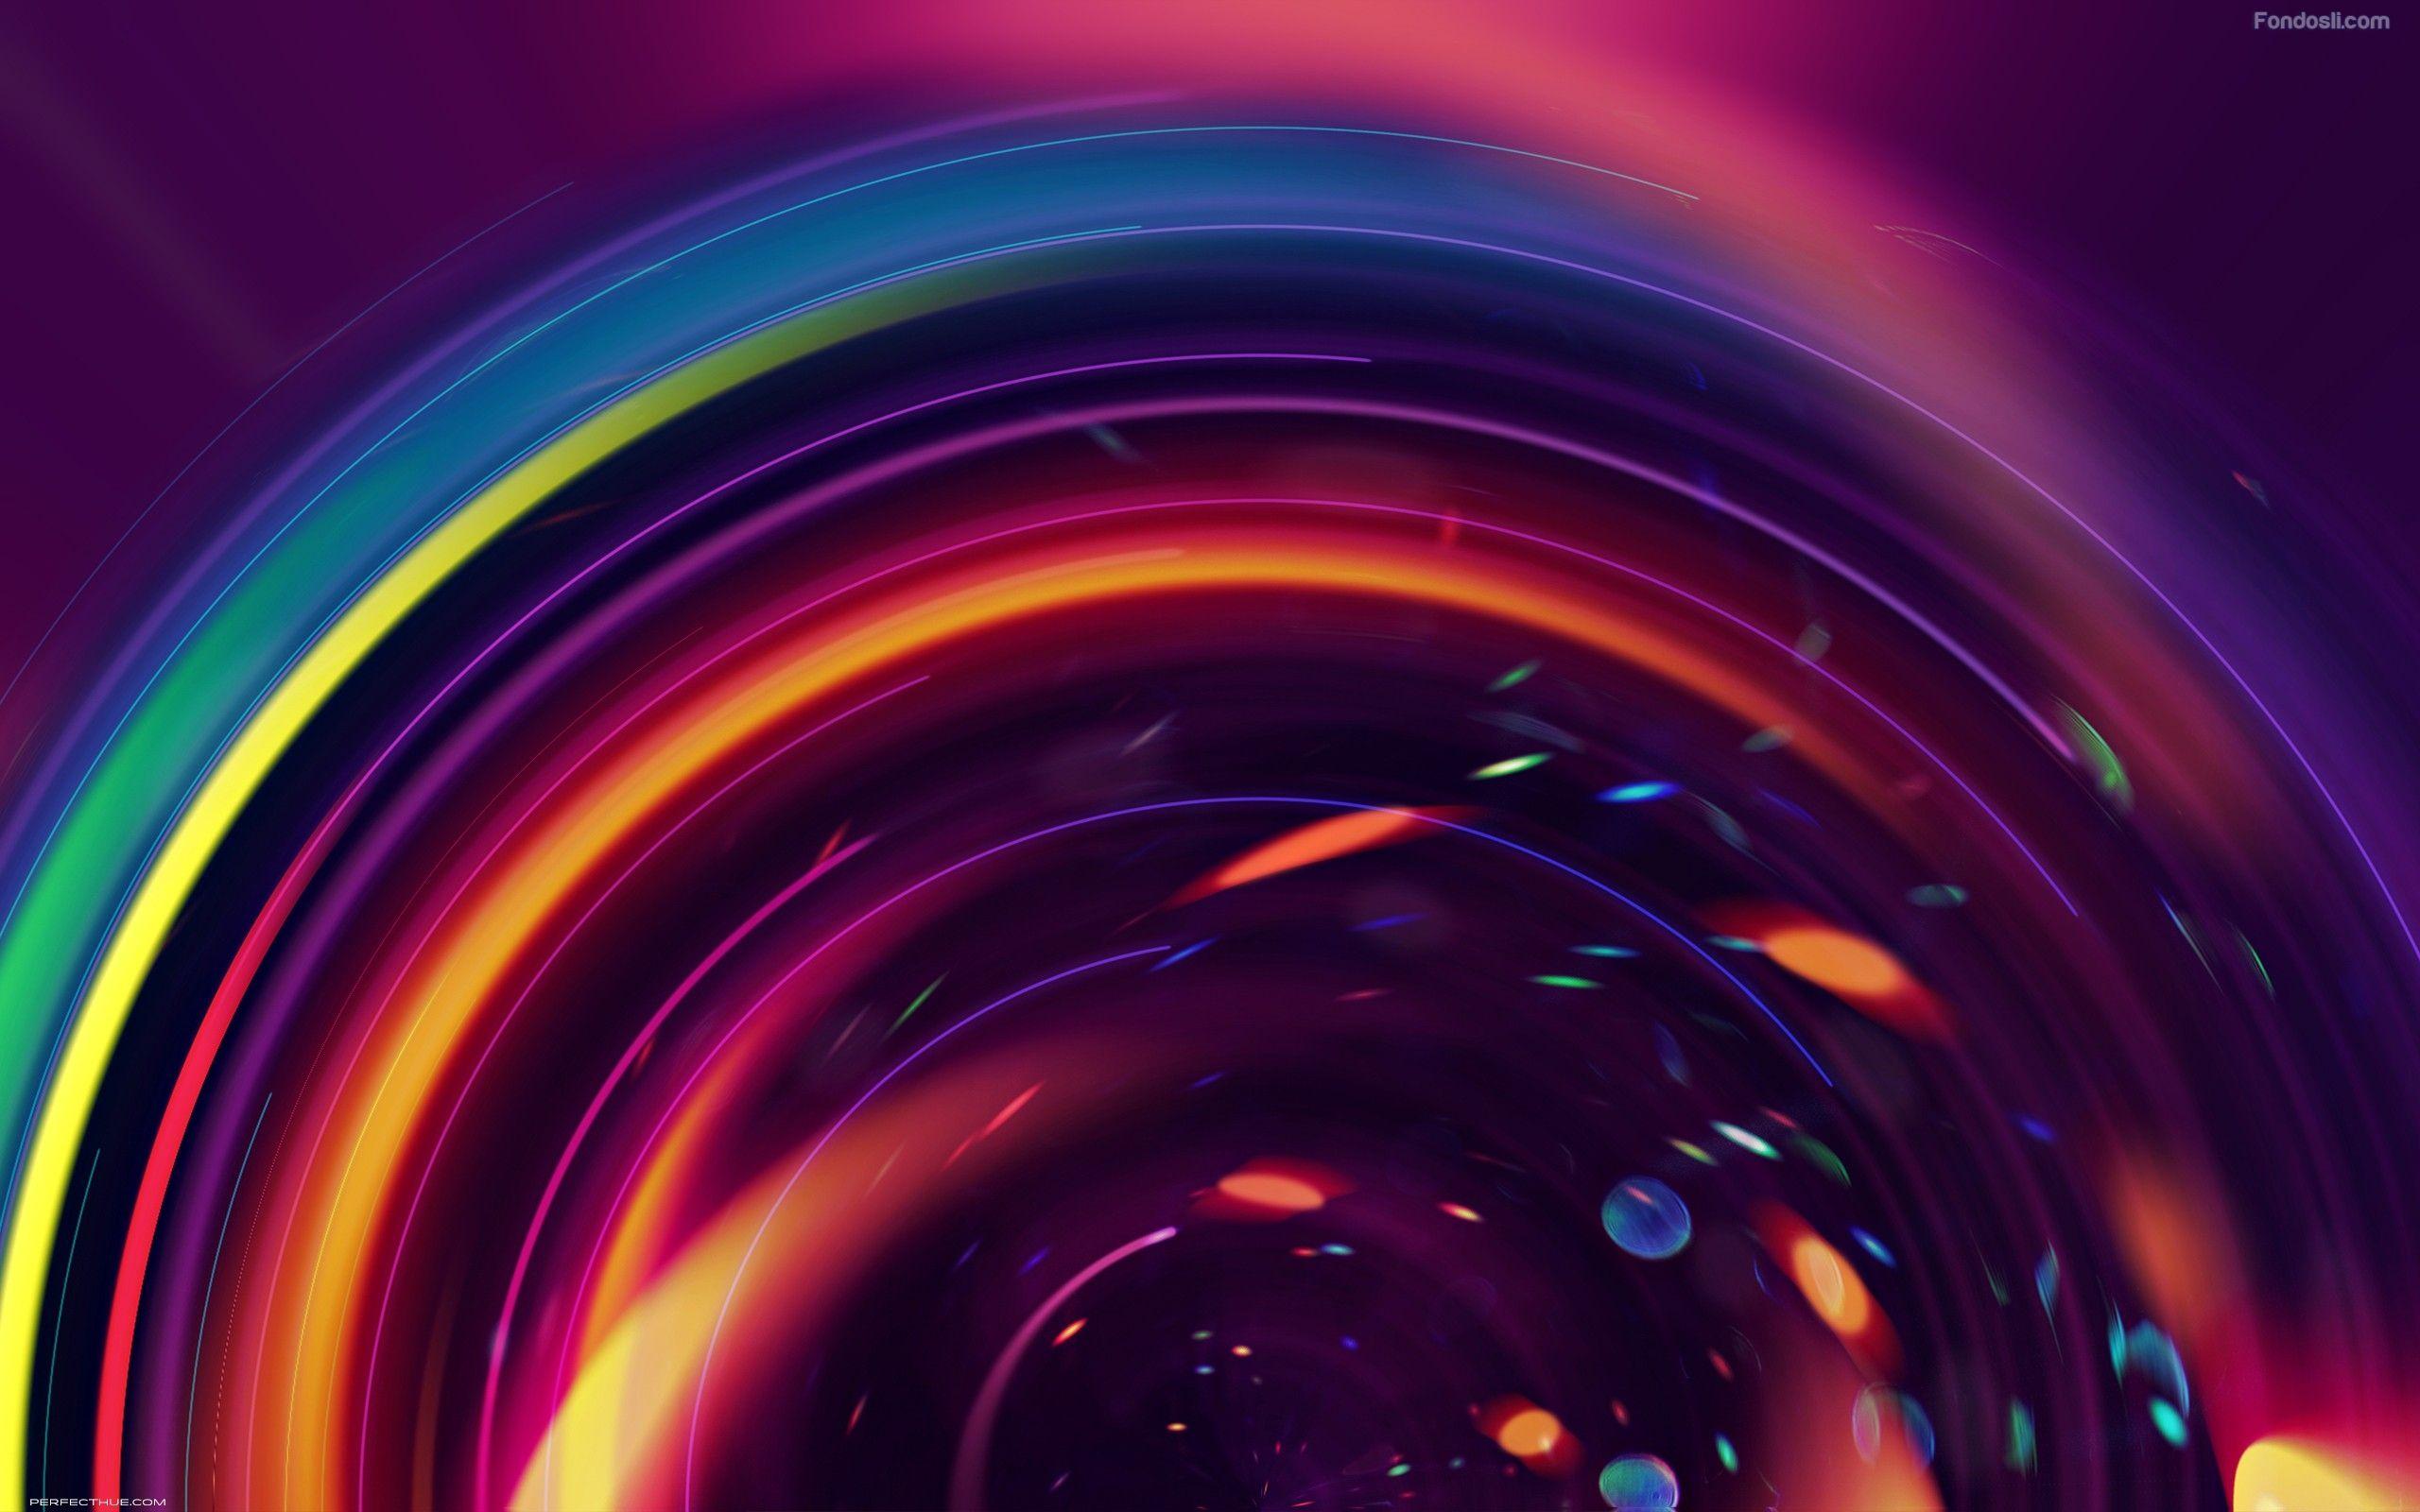 Publicidad Imagenes Abstractas: Fondos Abstractos Full Hd Para Fondo Celular En Hd 12 HD